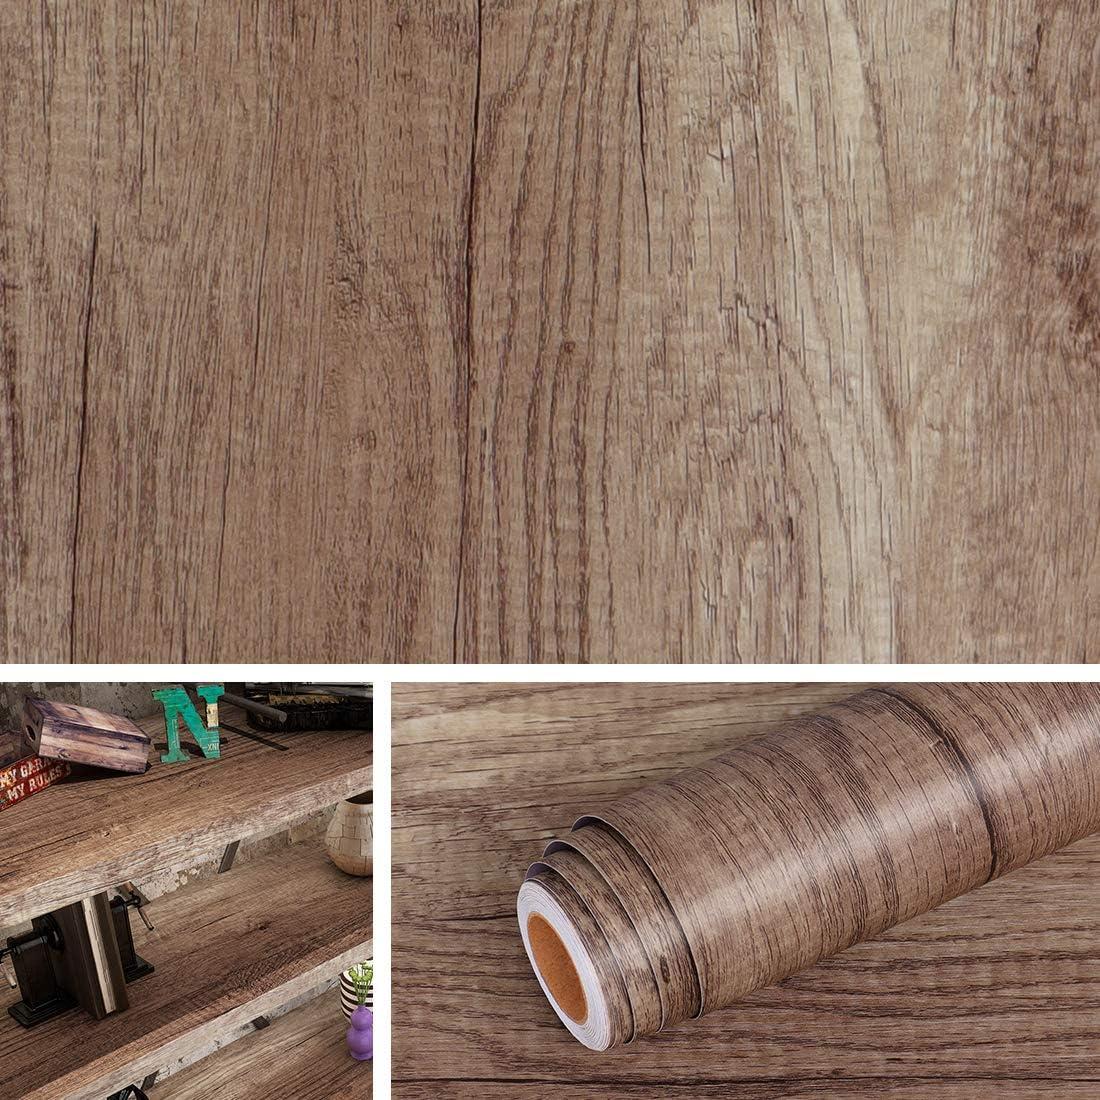 Livelynine Klebefolie Holzoptik Sonoma Eiche Folie Möbelfolie Holzfolie Selbstklebend für Möbel Schrank Tisch Kleiderschrank Kommode Treppen…